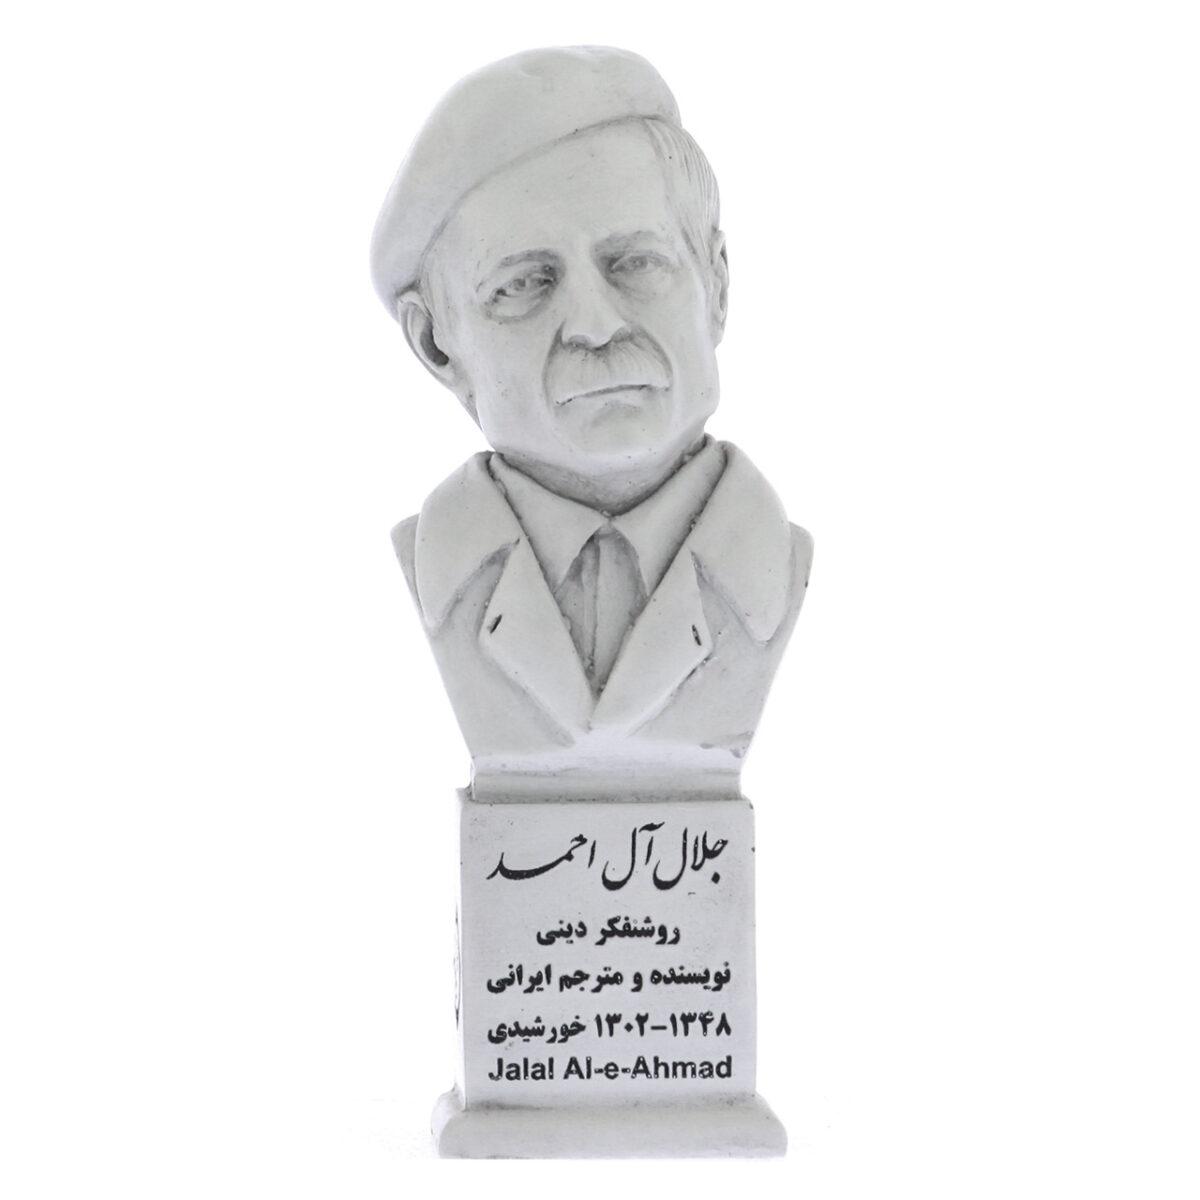 jalal al ahmad s 1200x1200 - سردیس استاد جلال آل احمد